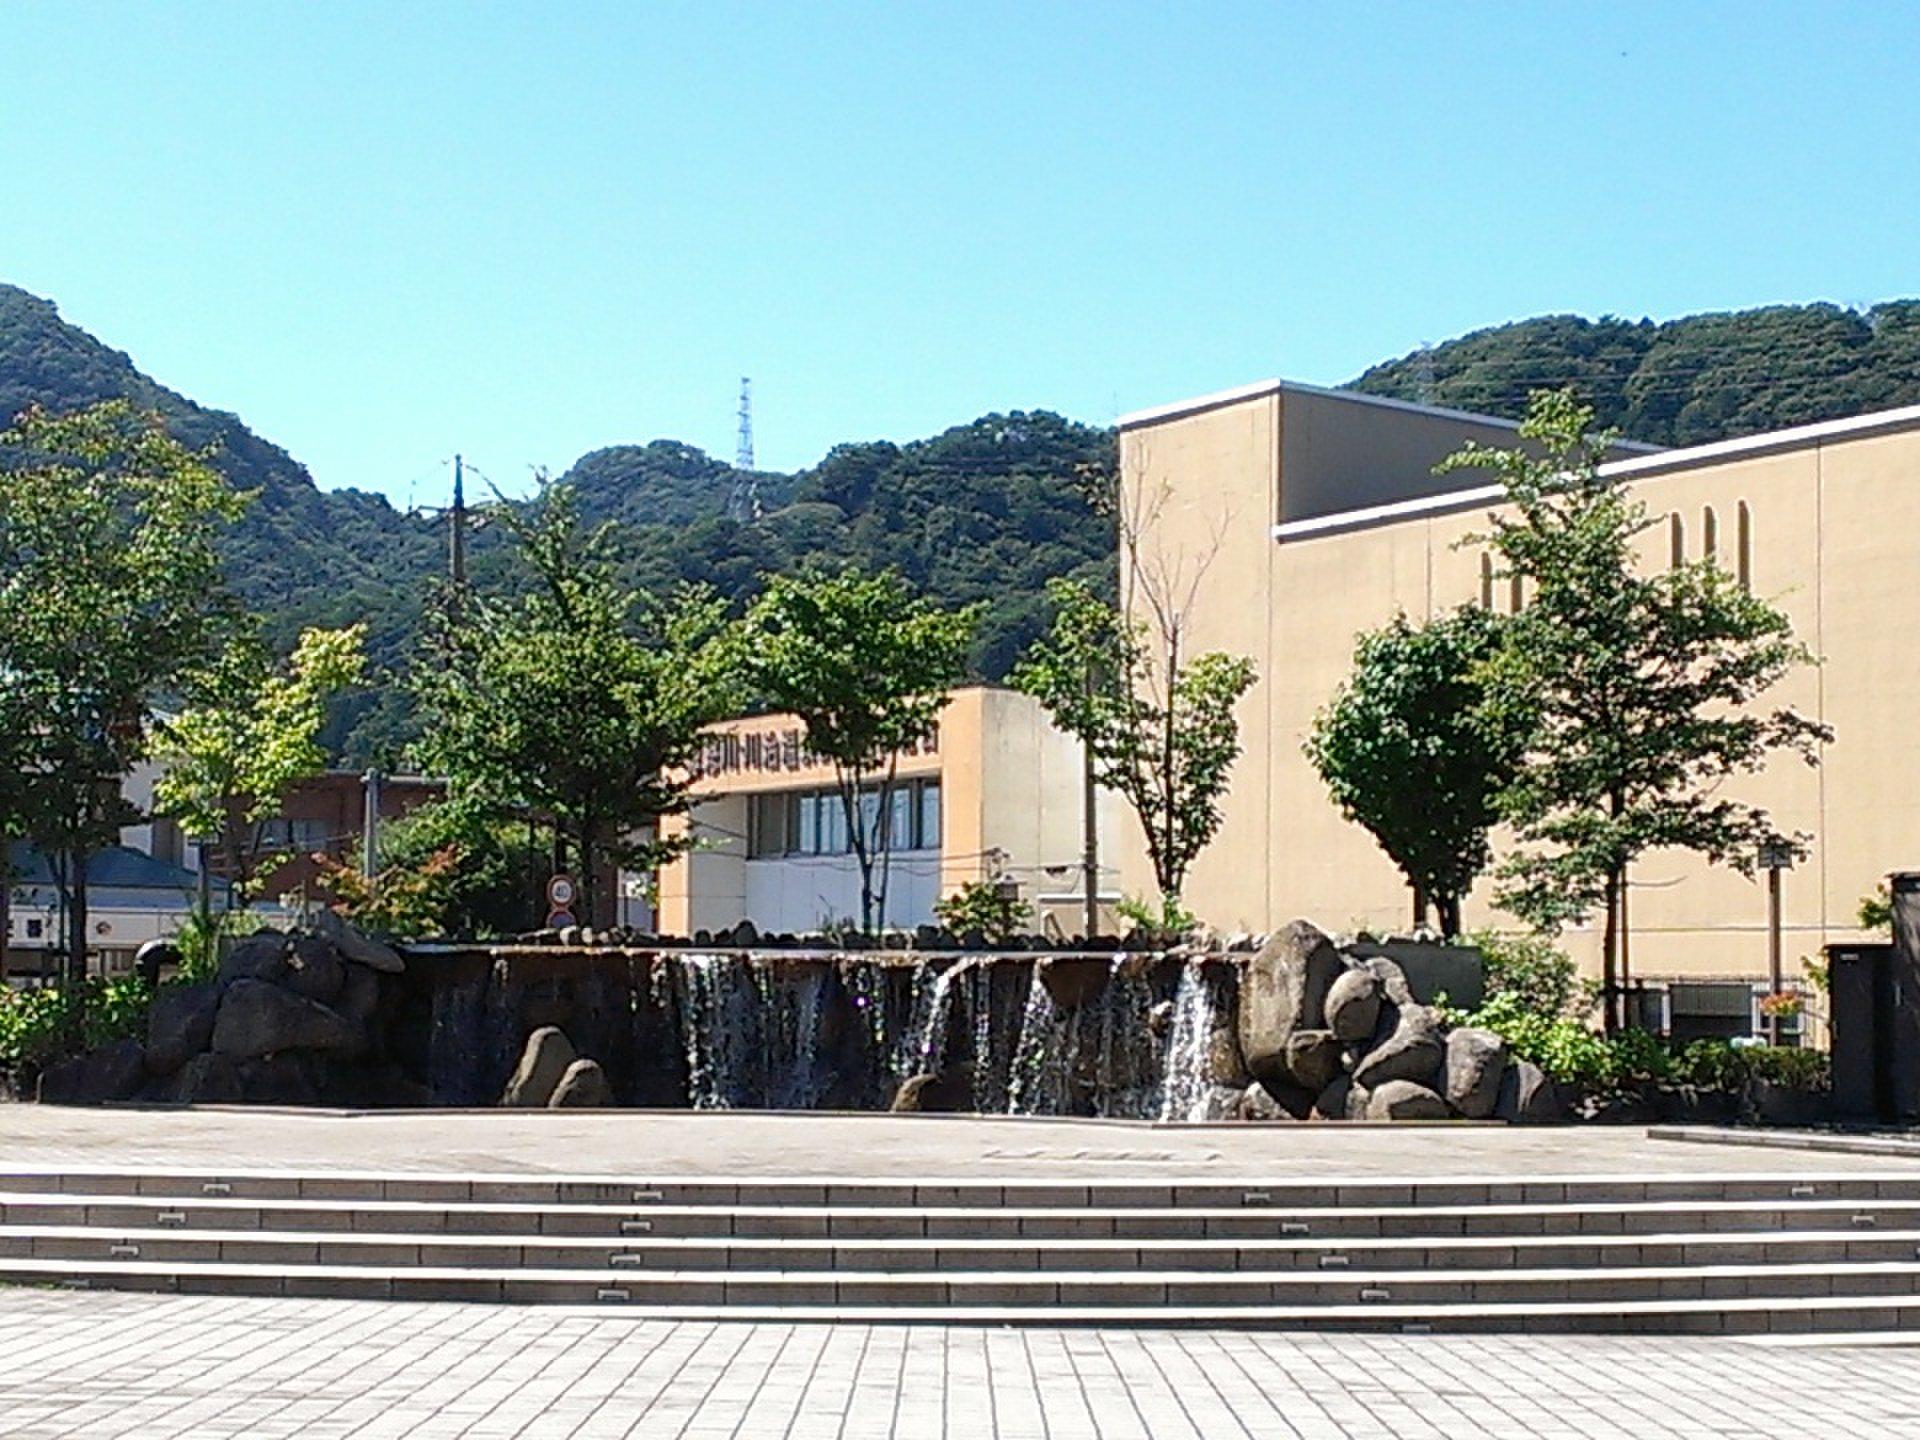 【週末はプチ旅行へ!】鬼怒川温泉でのんびりリフレッシュ旅♡